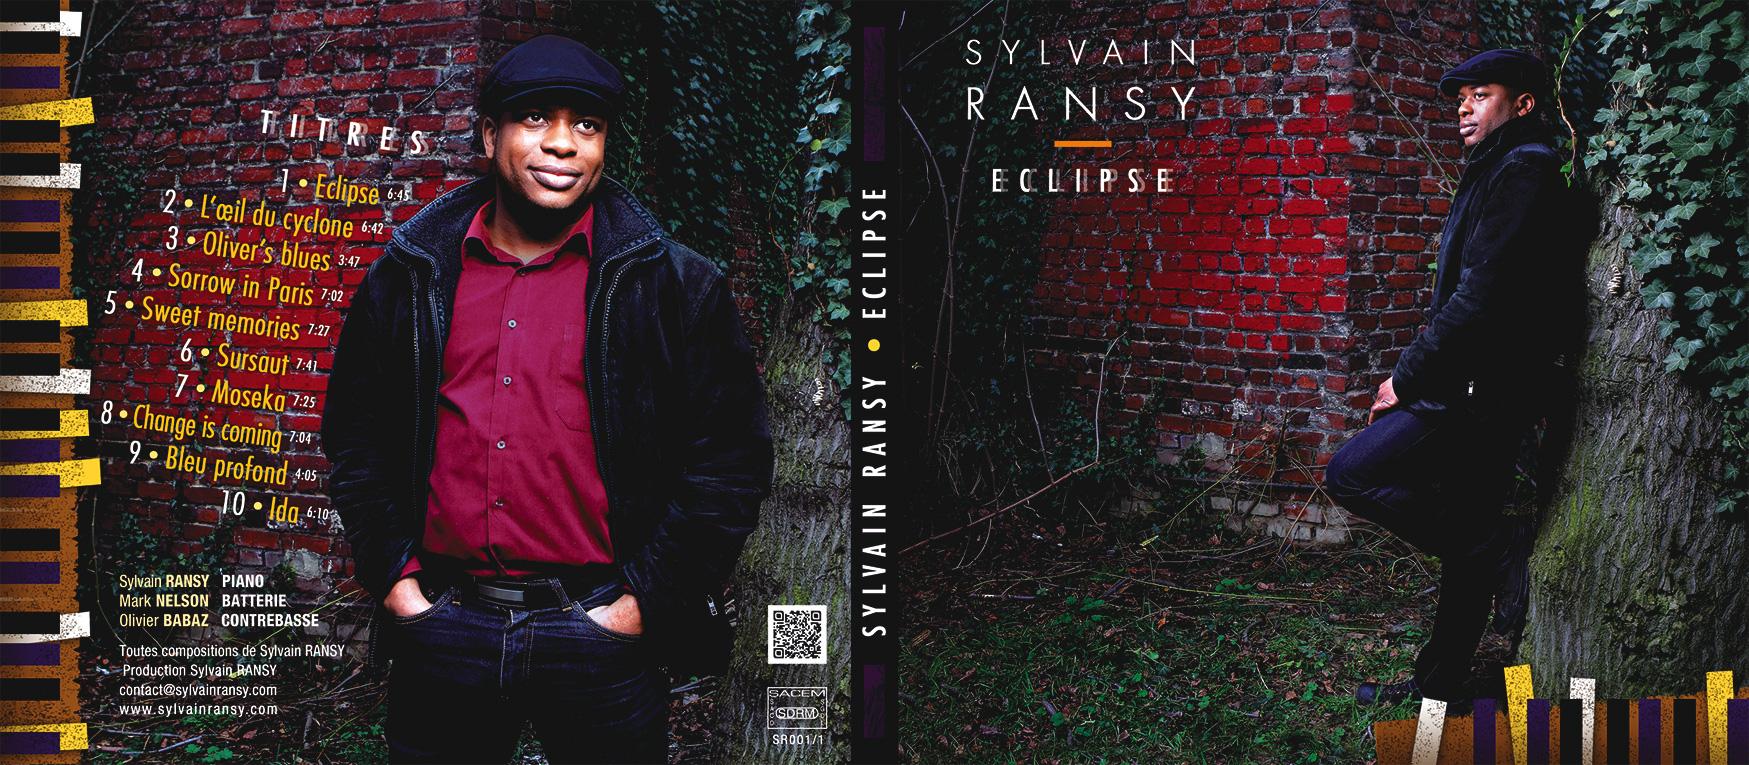 Réalisation de la couverture d'Eclipse, album du pianiste Sylvain Ransy - Eric Madelaine